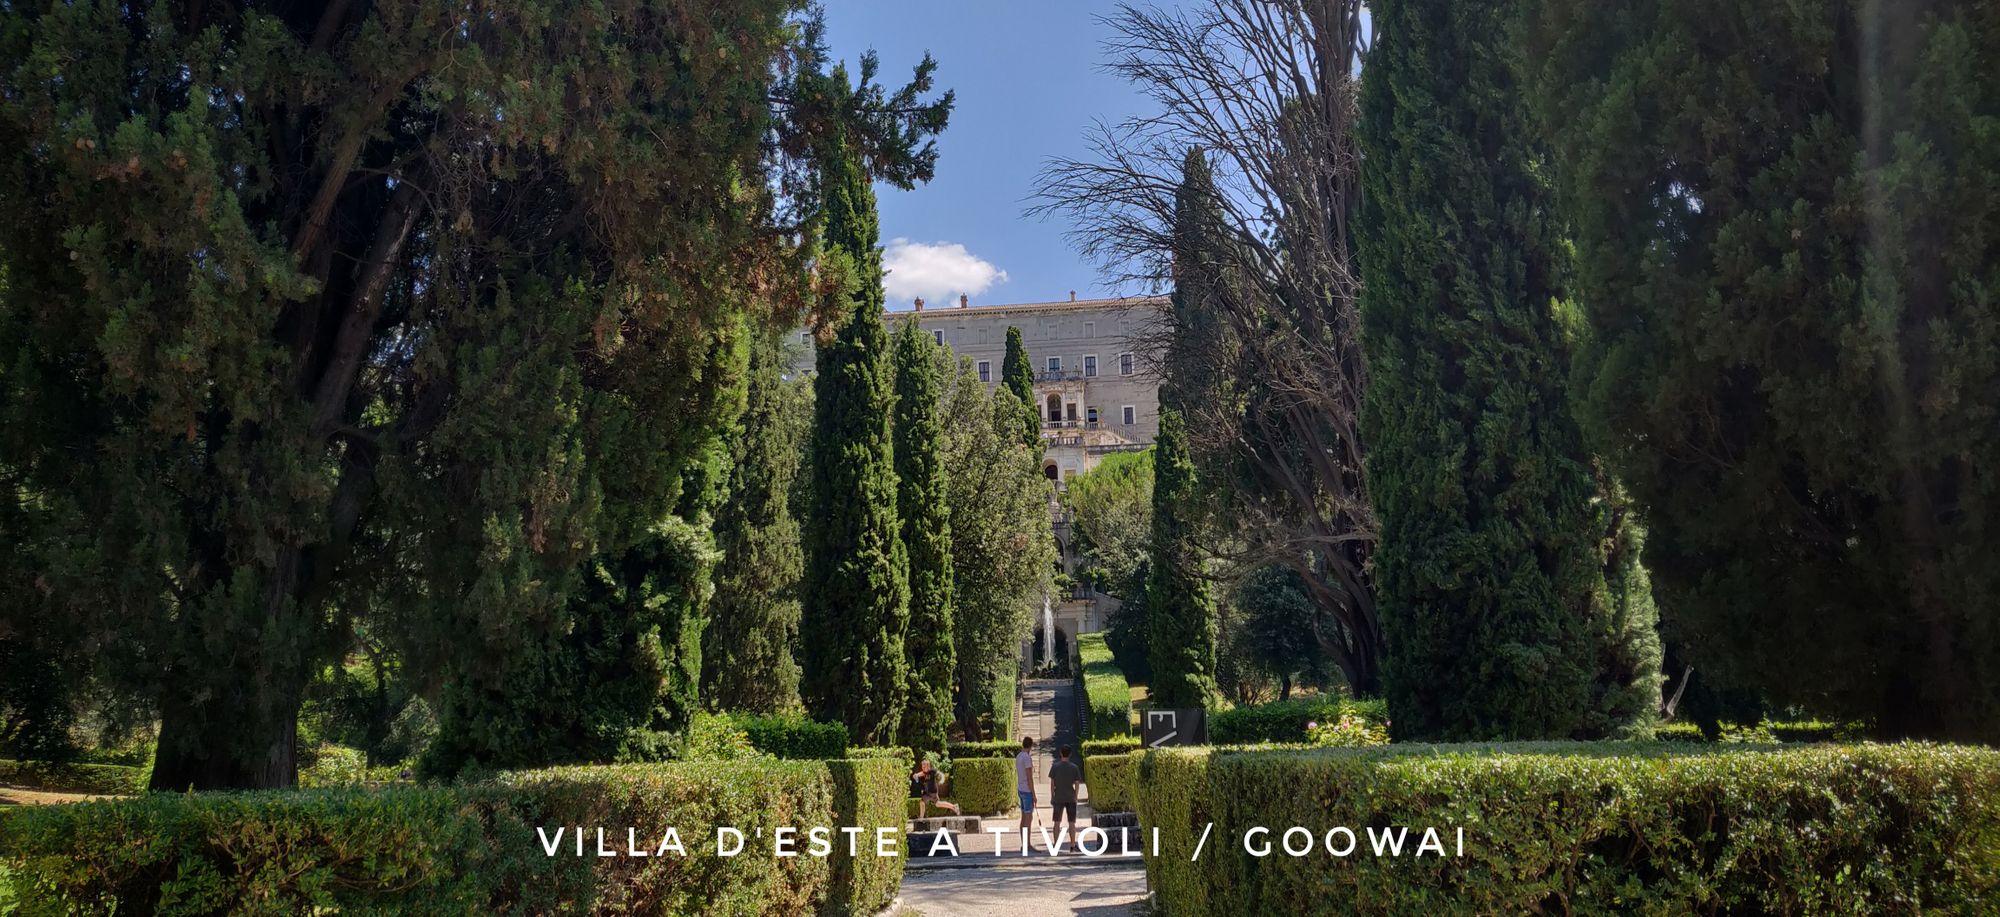 La villa d'Este a Tivoli i giardini